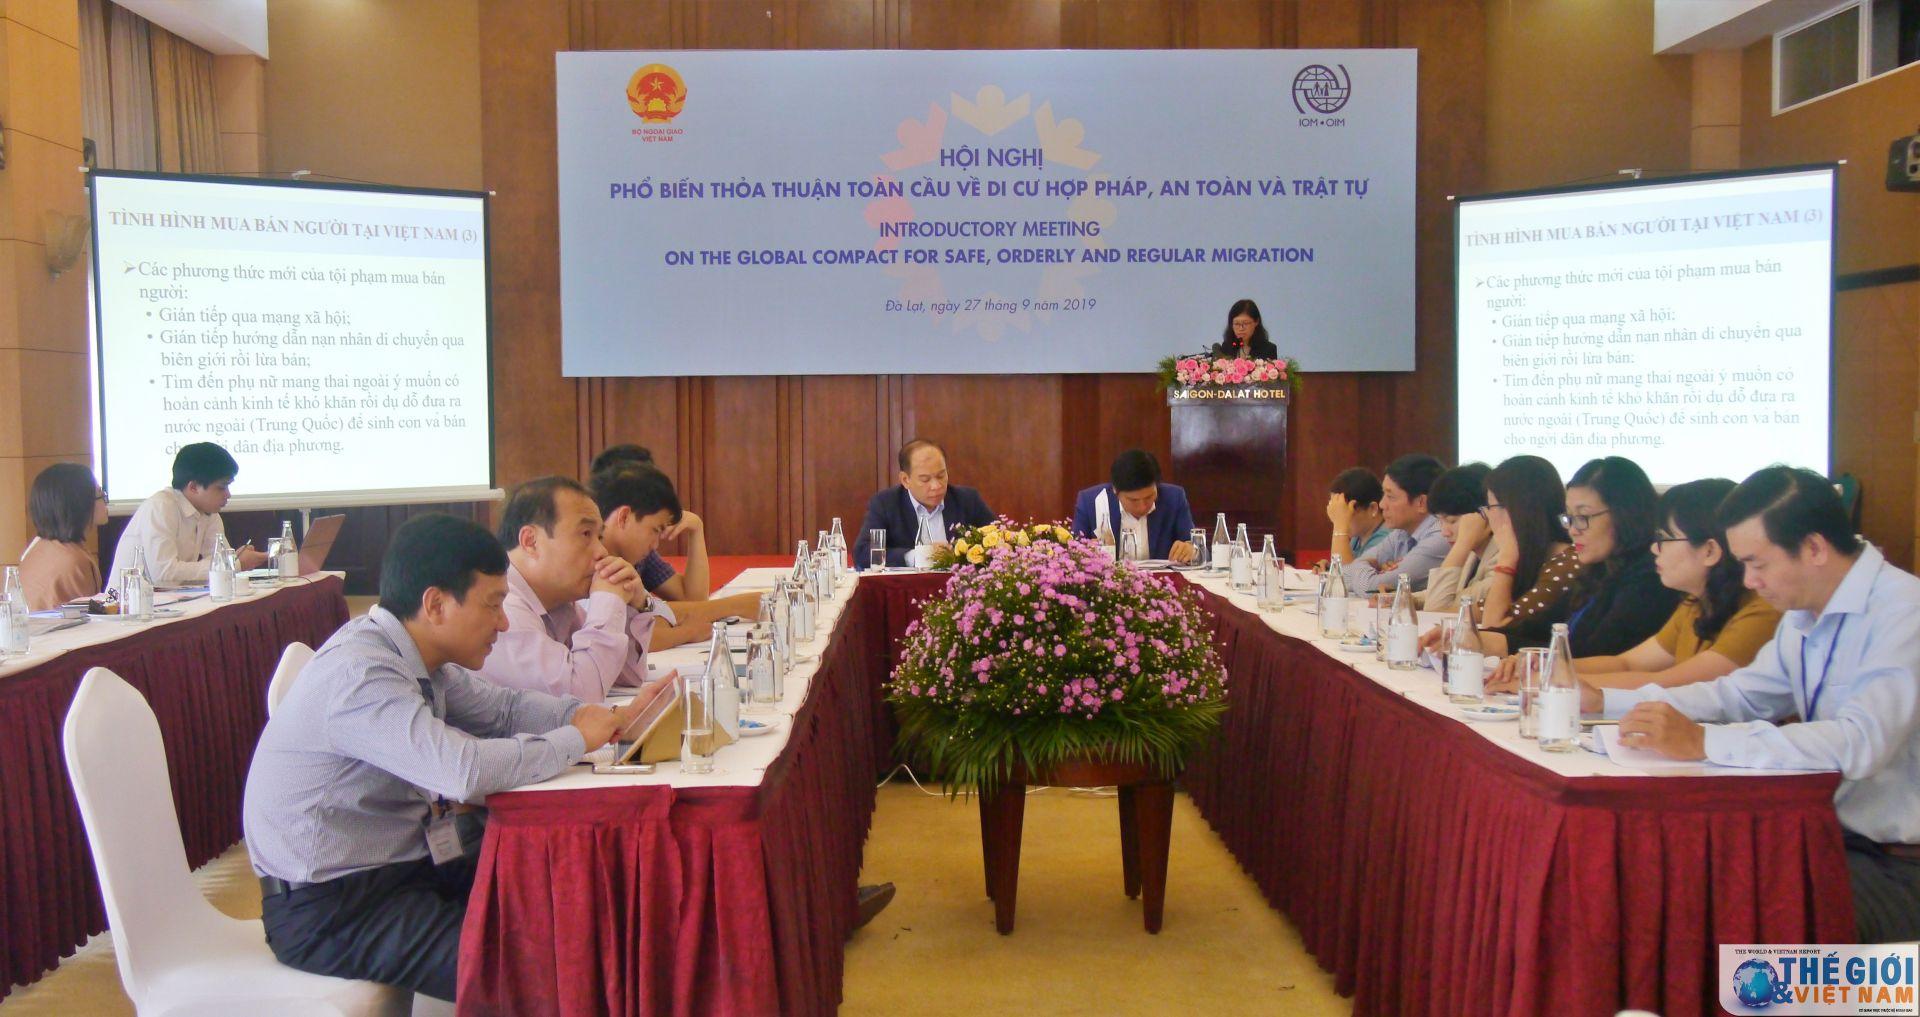 Hội nghị phổ biến Thỏa thuận toàn cầu về Di cư hợp pháp, an toàn và trật tự tại TP. Hồ Chí Minh - Hình 1